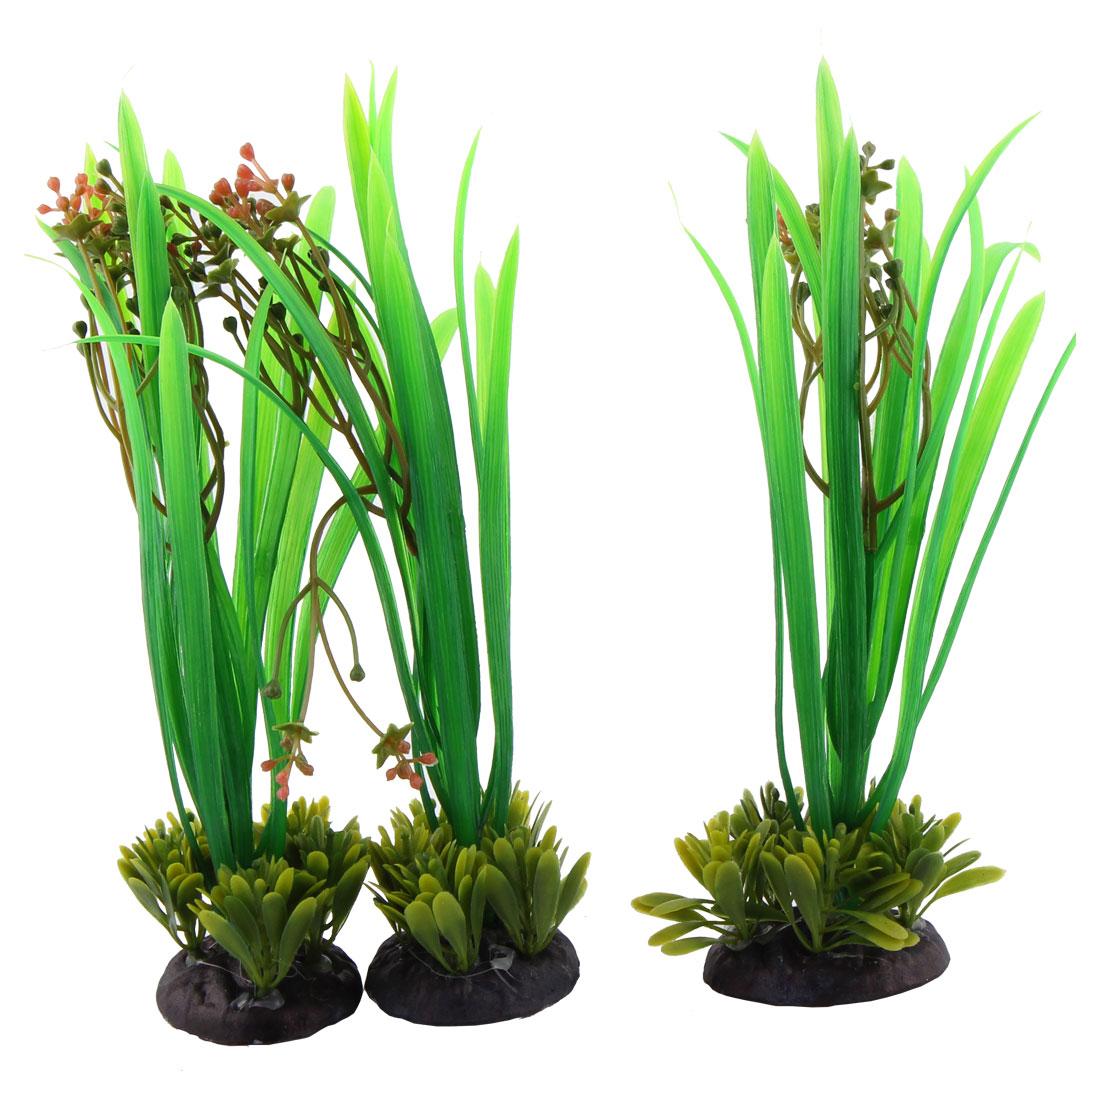 Ceramic Base Artificial Plants Decor 3 Pcs for Fish Tank Aquarium Ornament